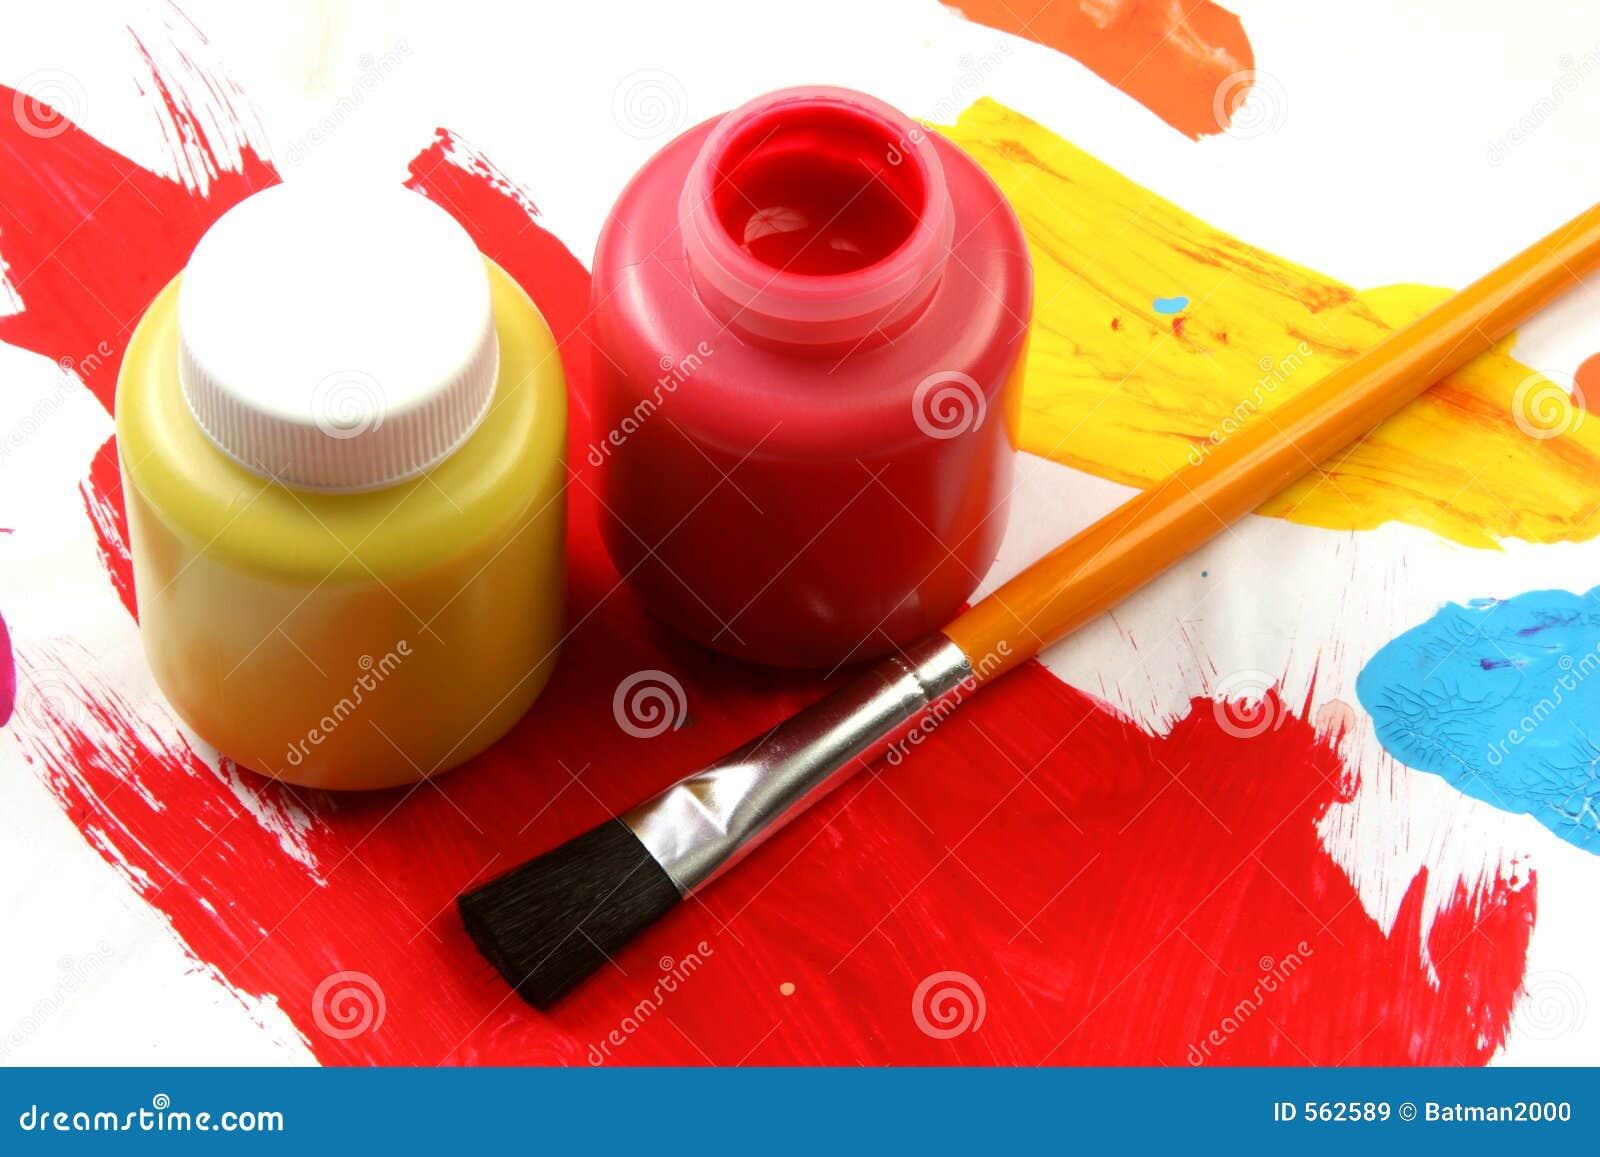 Kinder künstlerisches Ausdruck-rotes und gelb